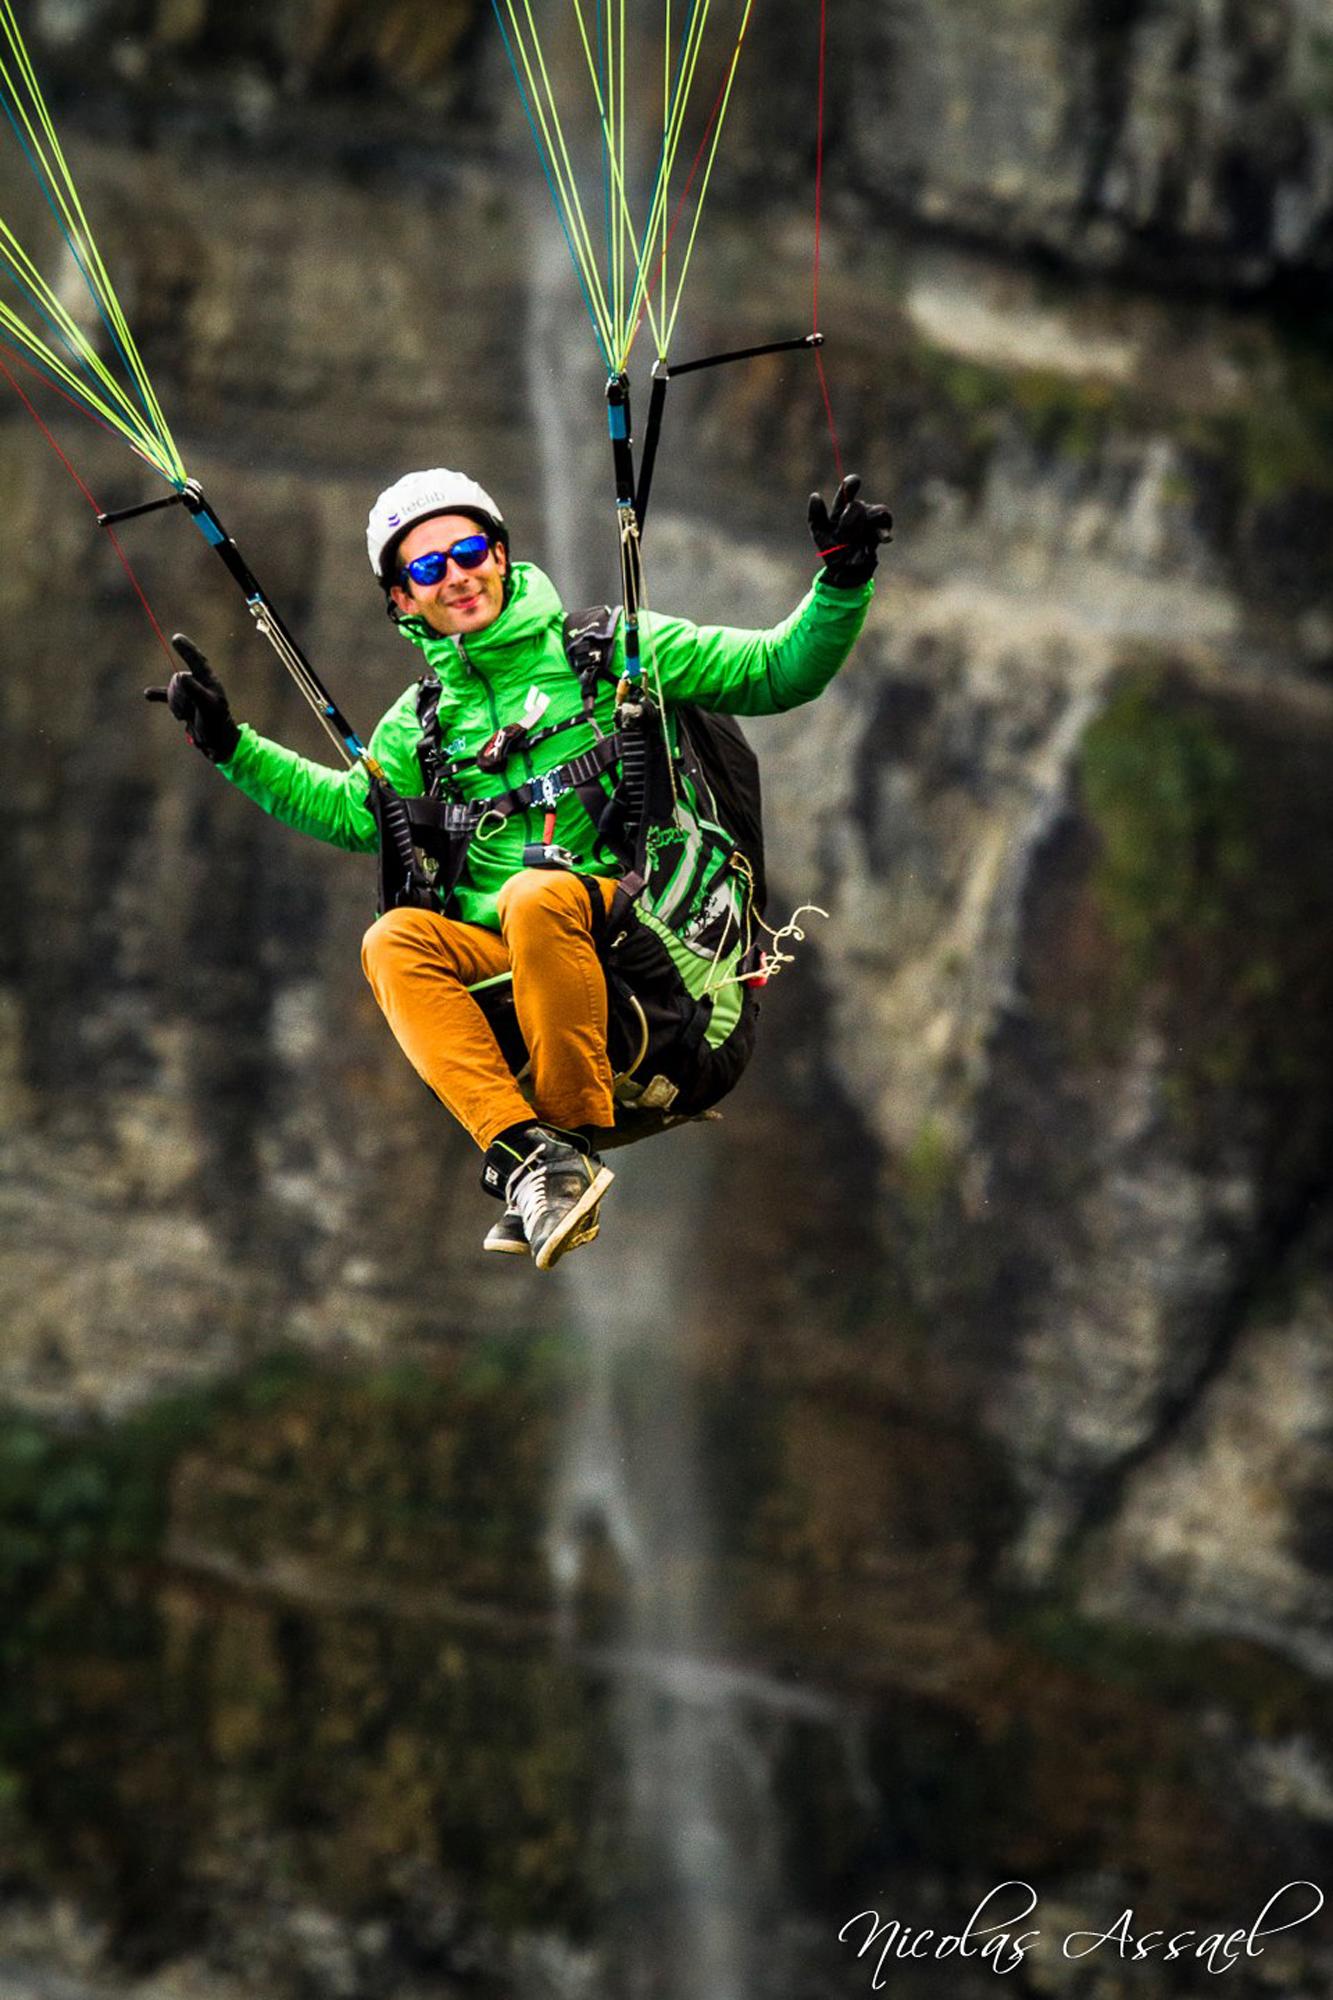 Francois-Ragolski-Coupe-Icare-Water-fall-Peace-photo-Nicolas-Assael